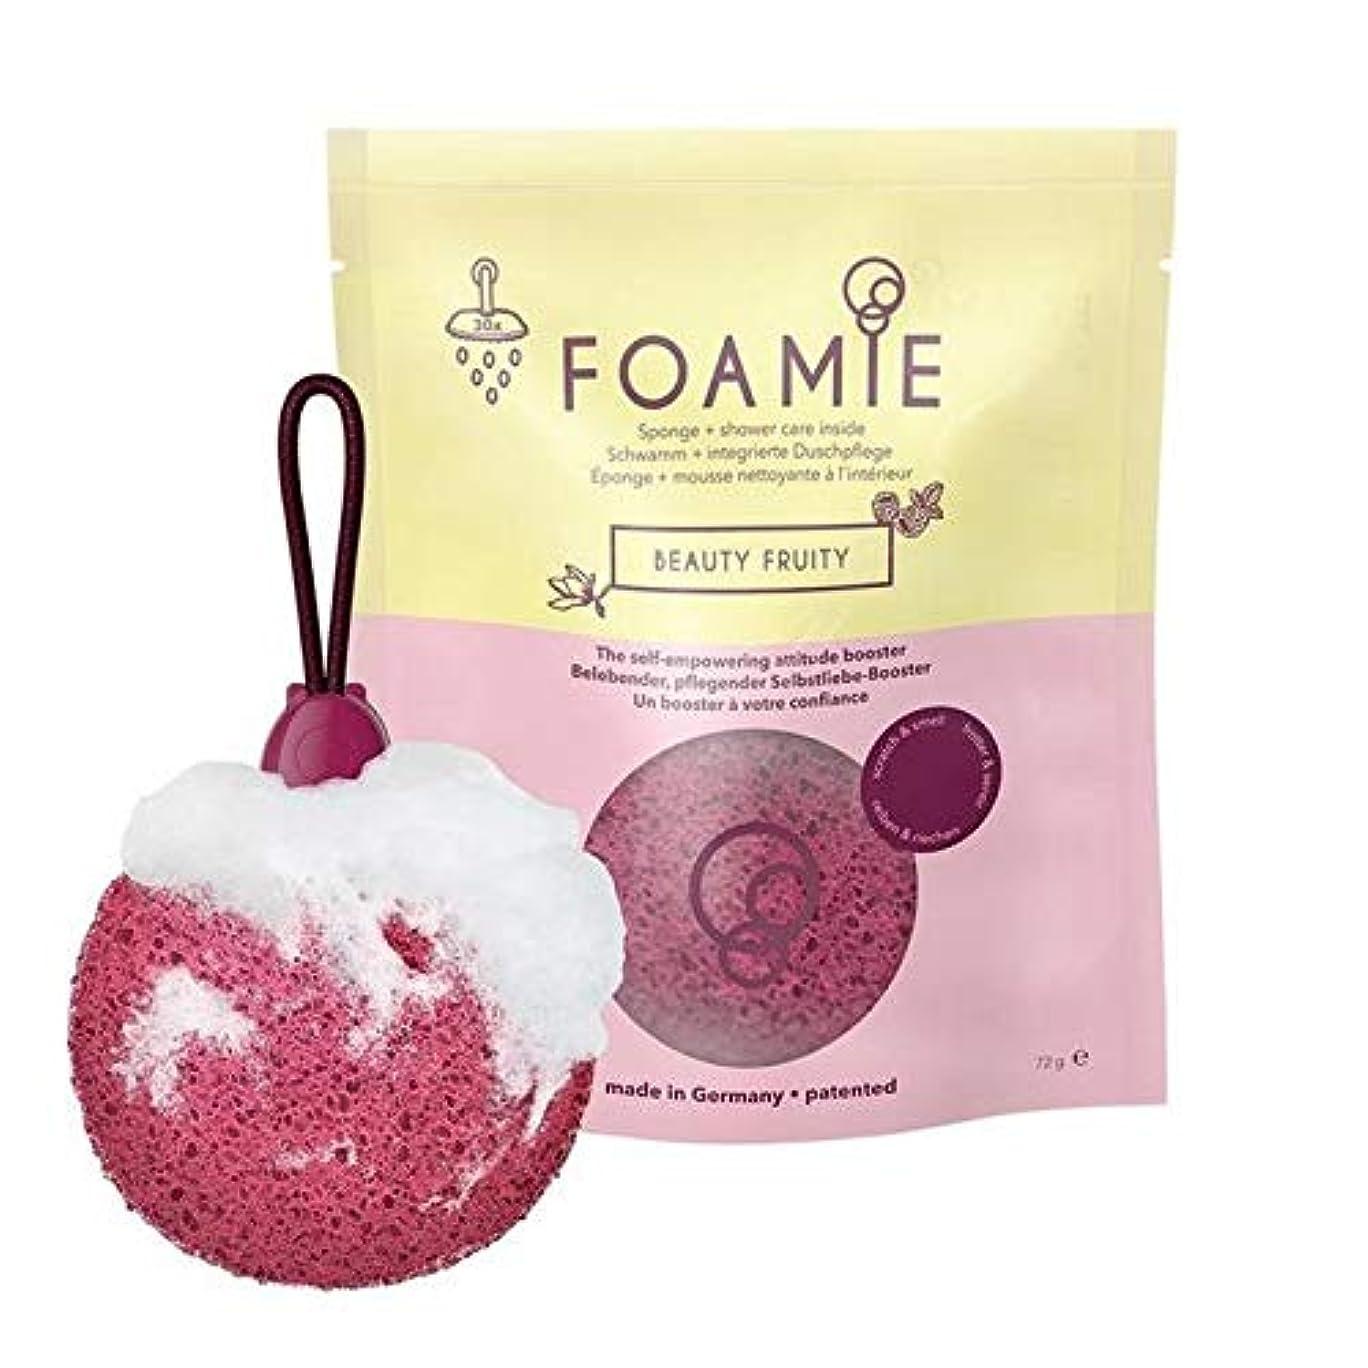 ボクシング唯物論感謝祭[Foamie] Foamieスポンジ&ボディウォッシュ、美しさのフルーティー - Foamie Sponge & Body Wash, Beauty Fruity [並行輸入品]